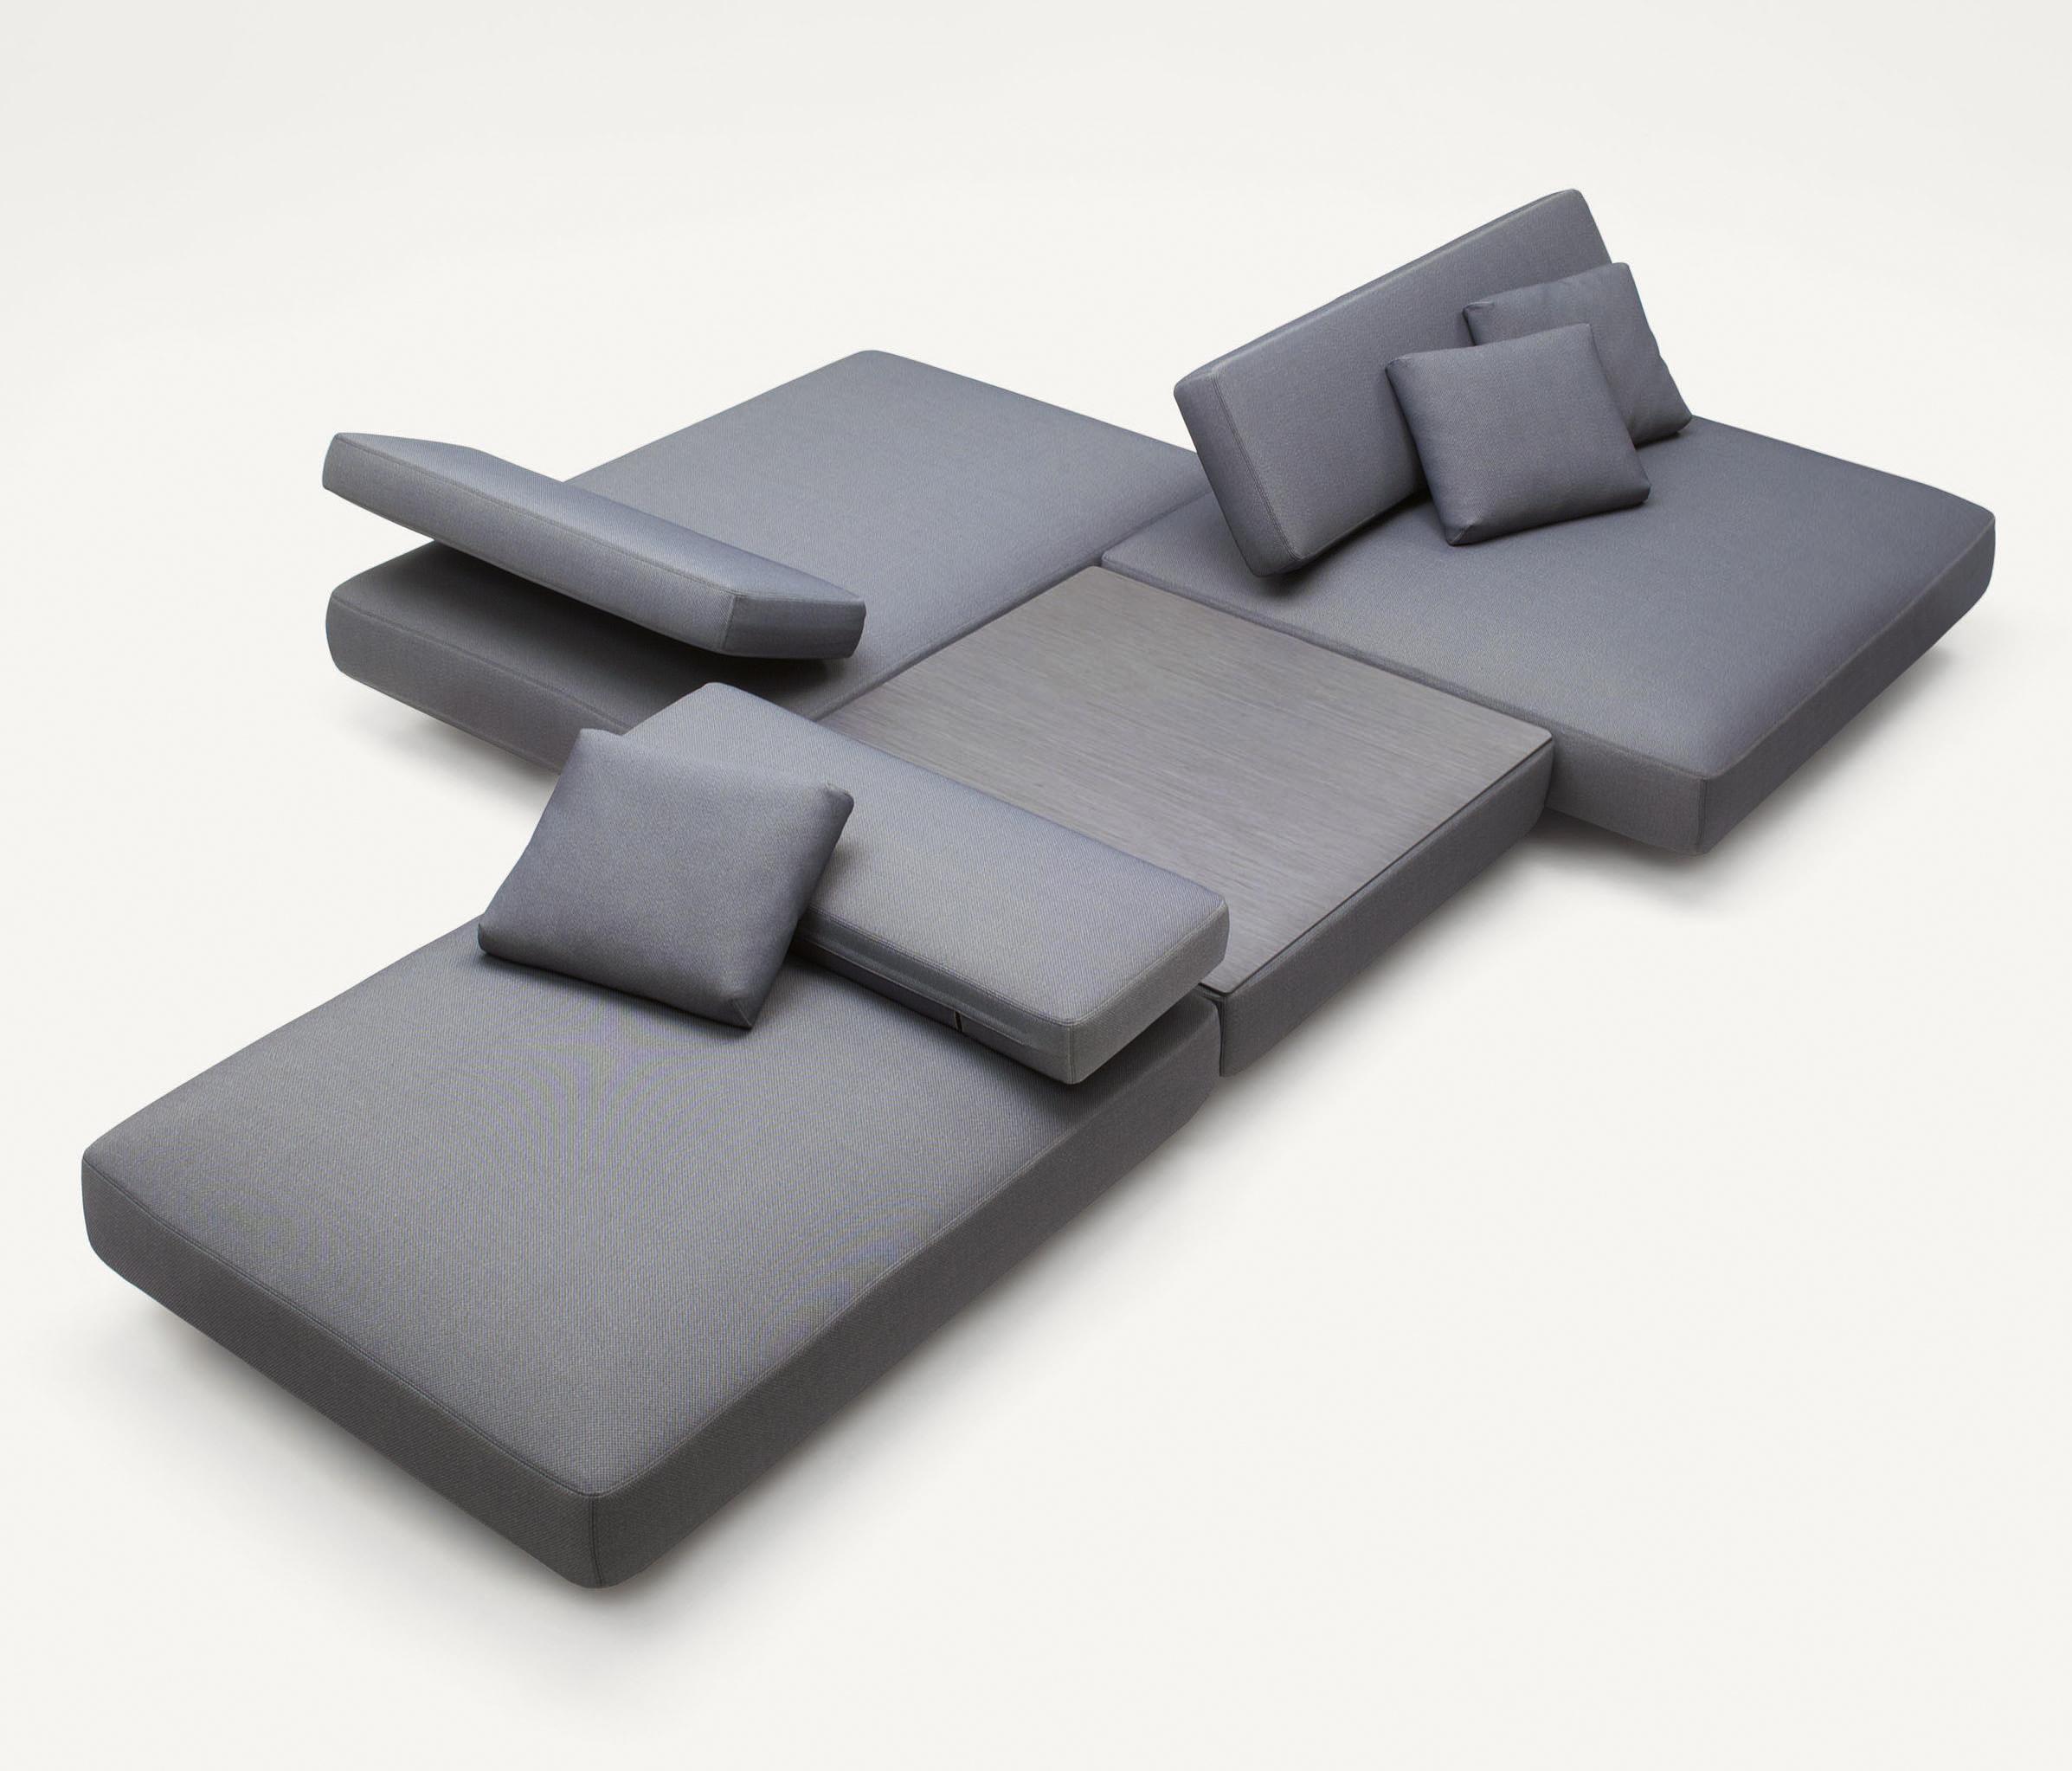 Agio Modular Sofa by Paola Lenti